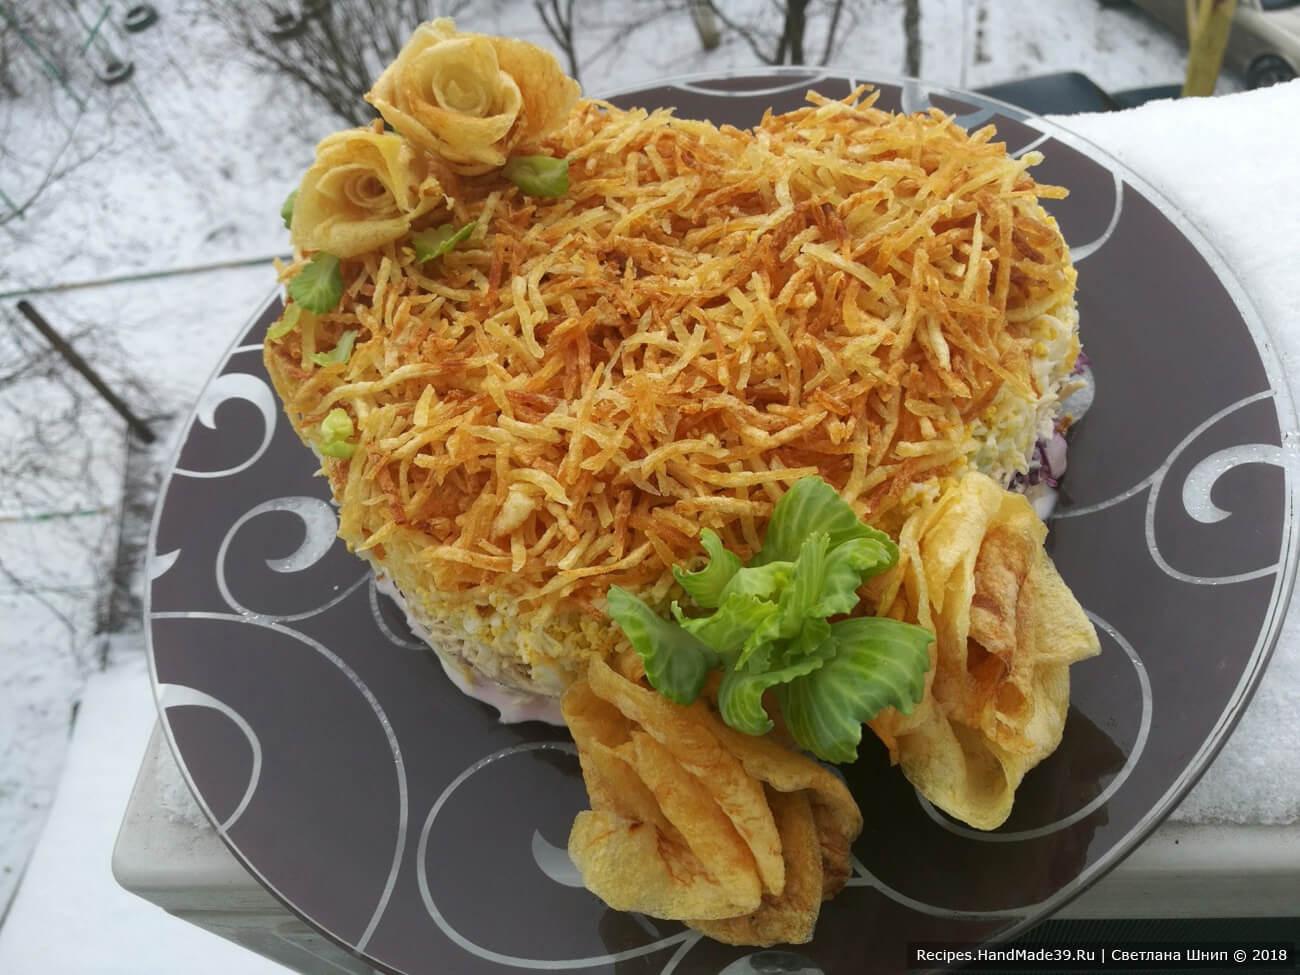 Арабский салат с курицей, капустой и картошкой фри – пошаговый рецепт с фото. Сытное блюдо для романтического ужина